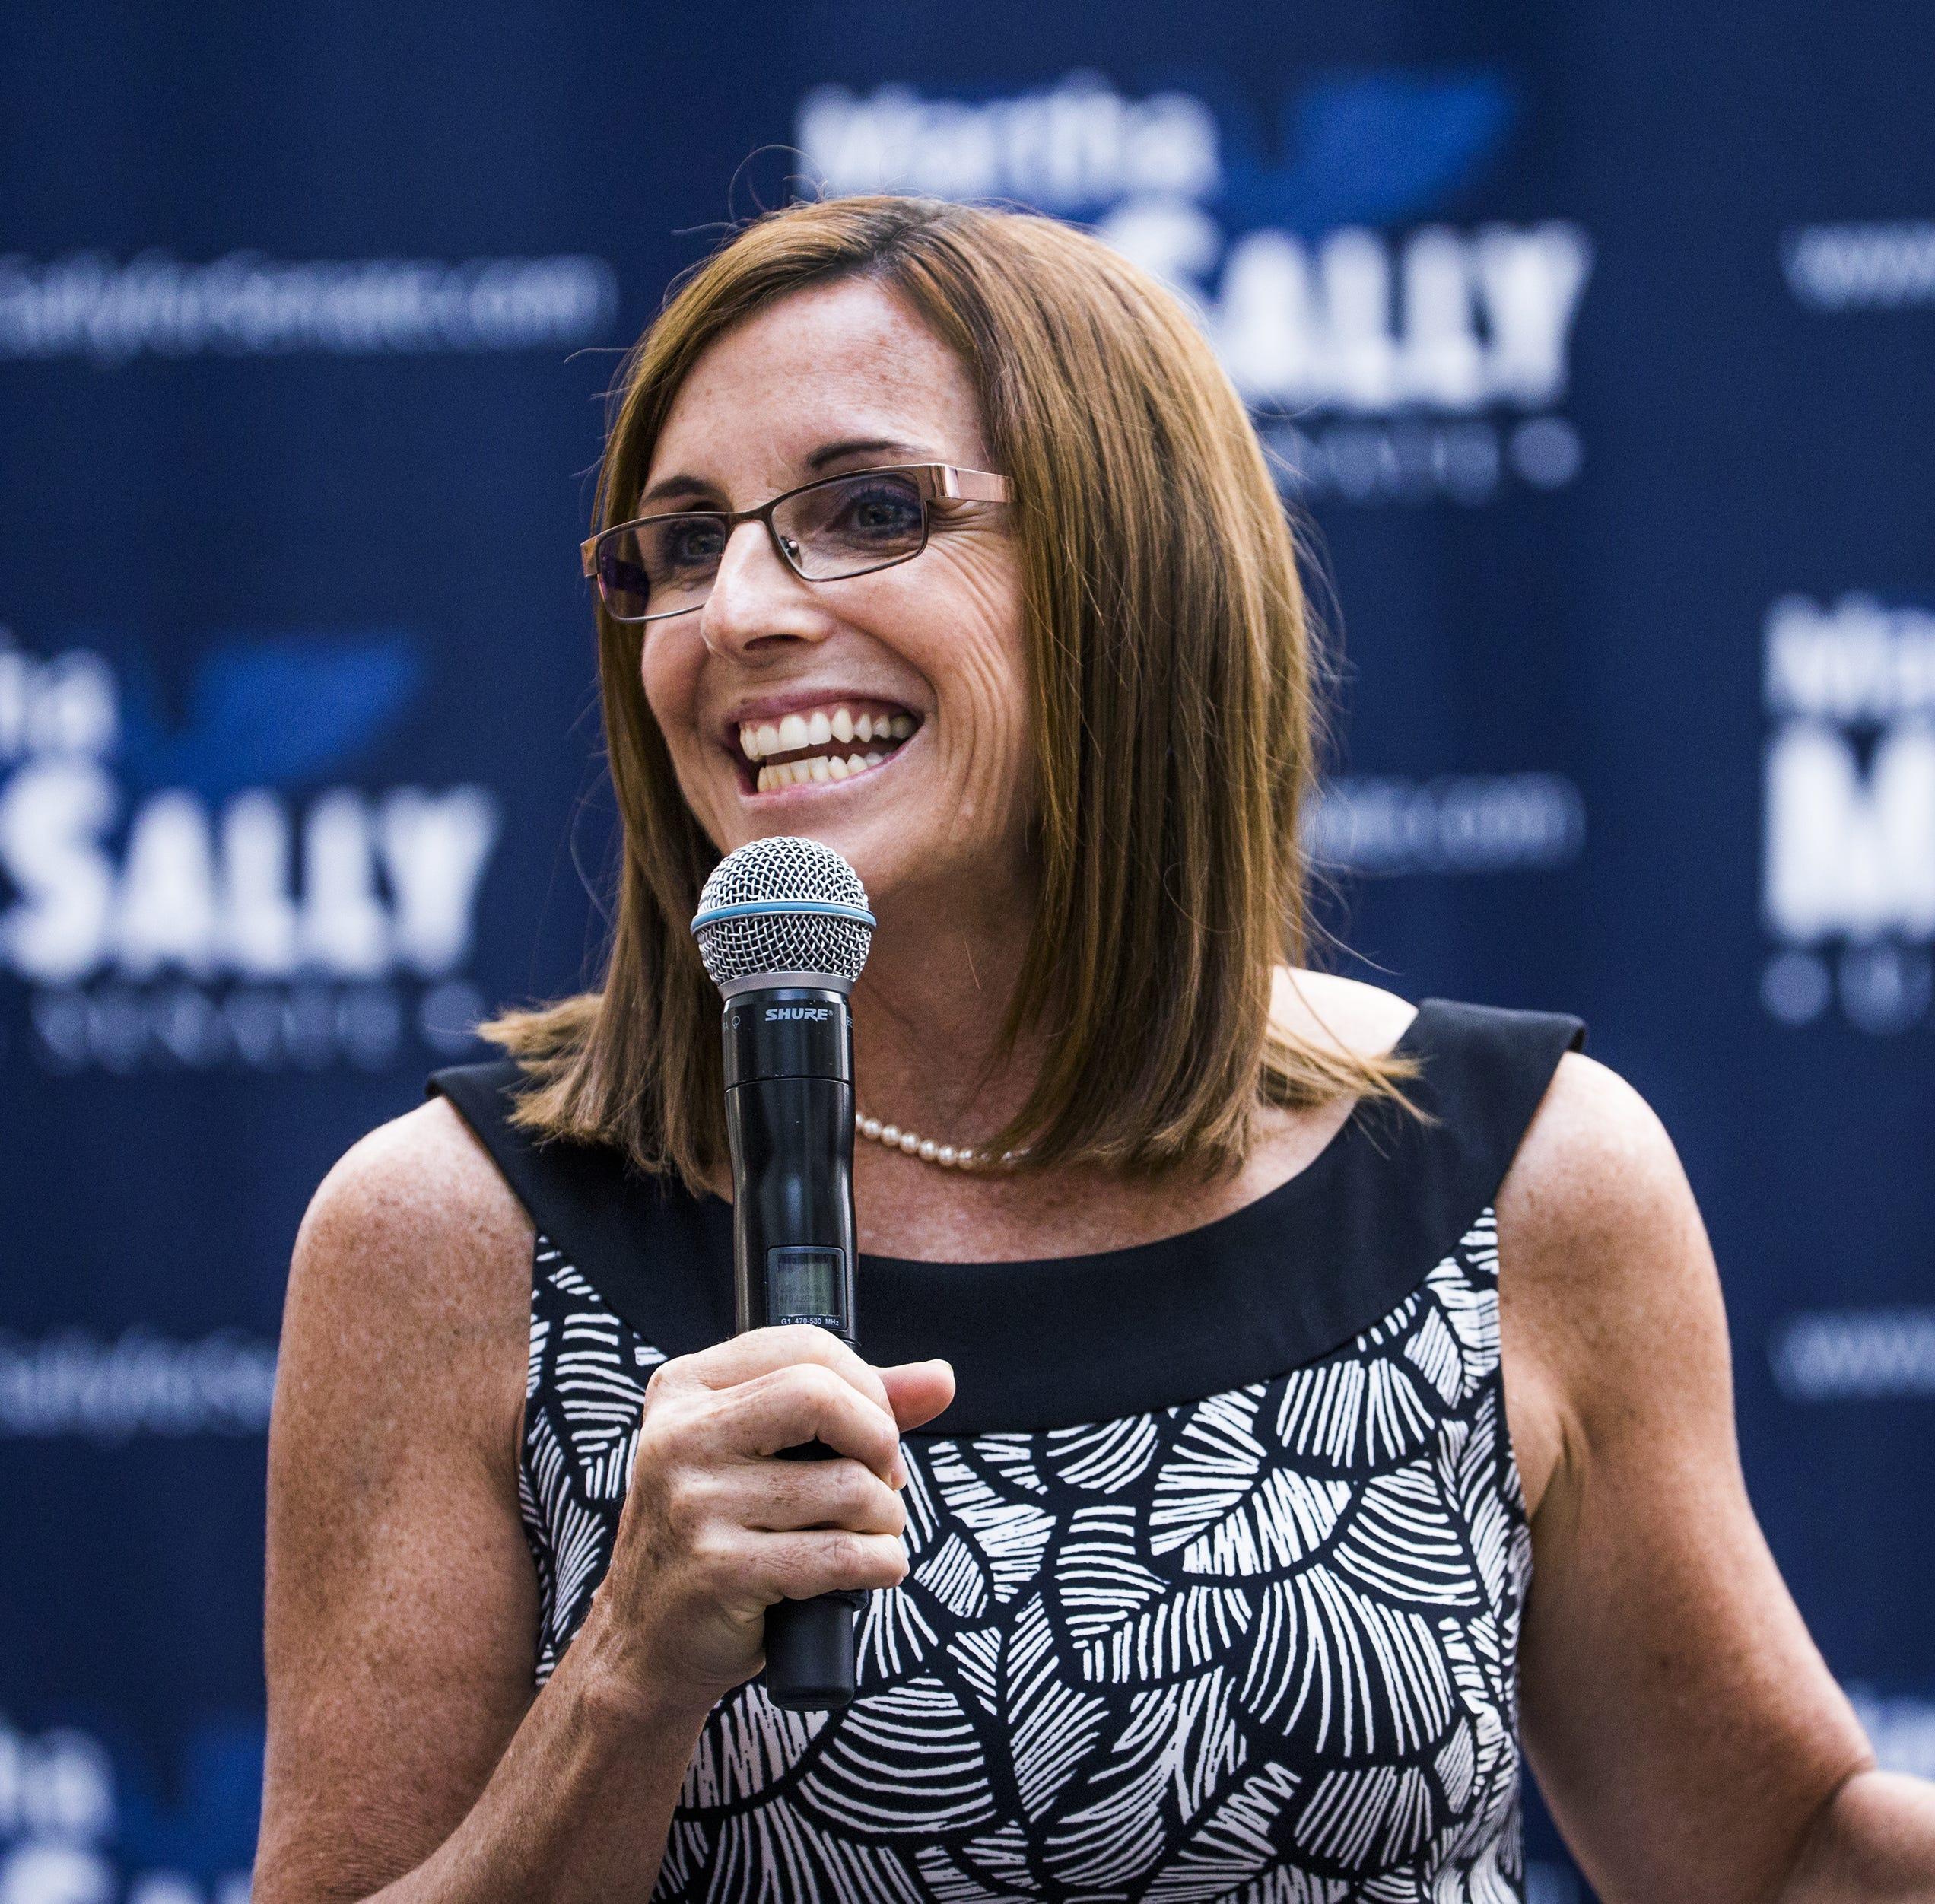 Will Martha McSally win a spot in the Senate even if she loses?